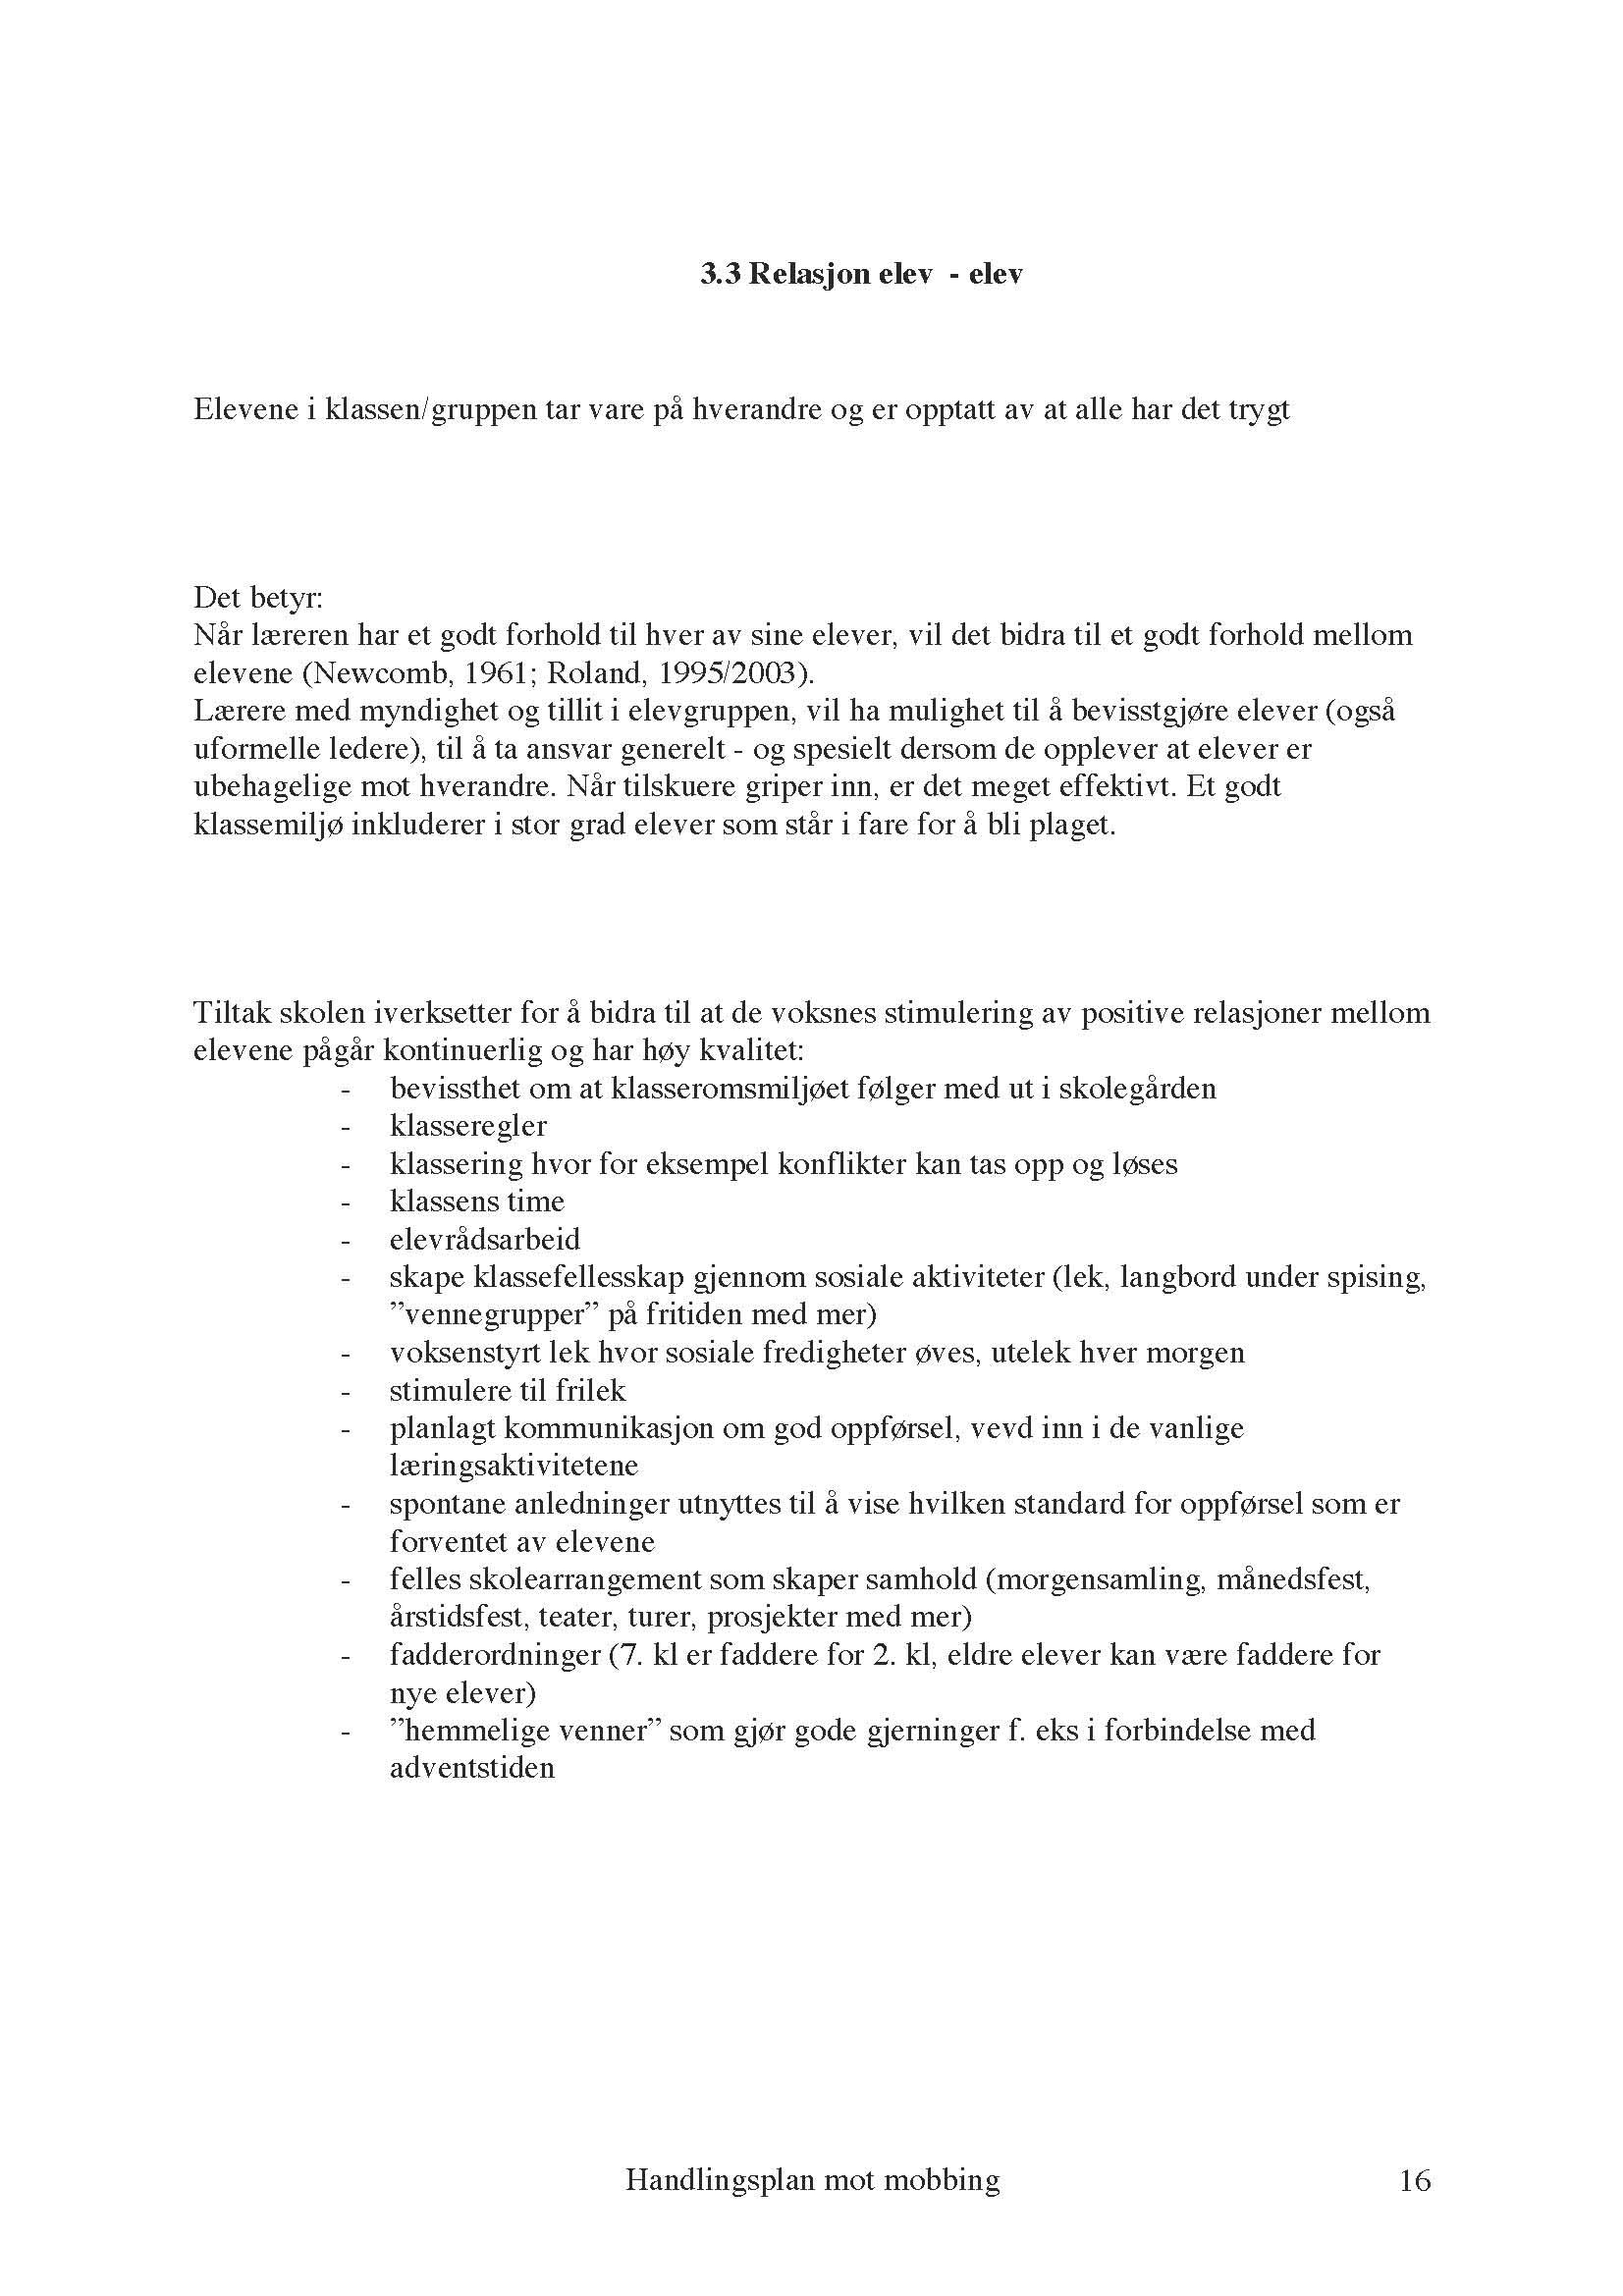 Handlingsplan mot mobbing _Page_16.jpg